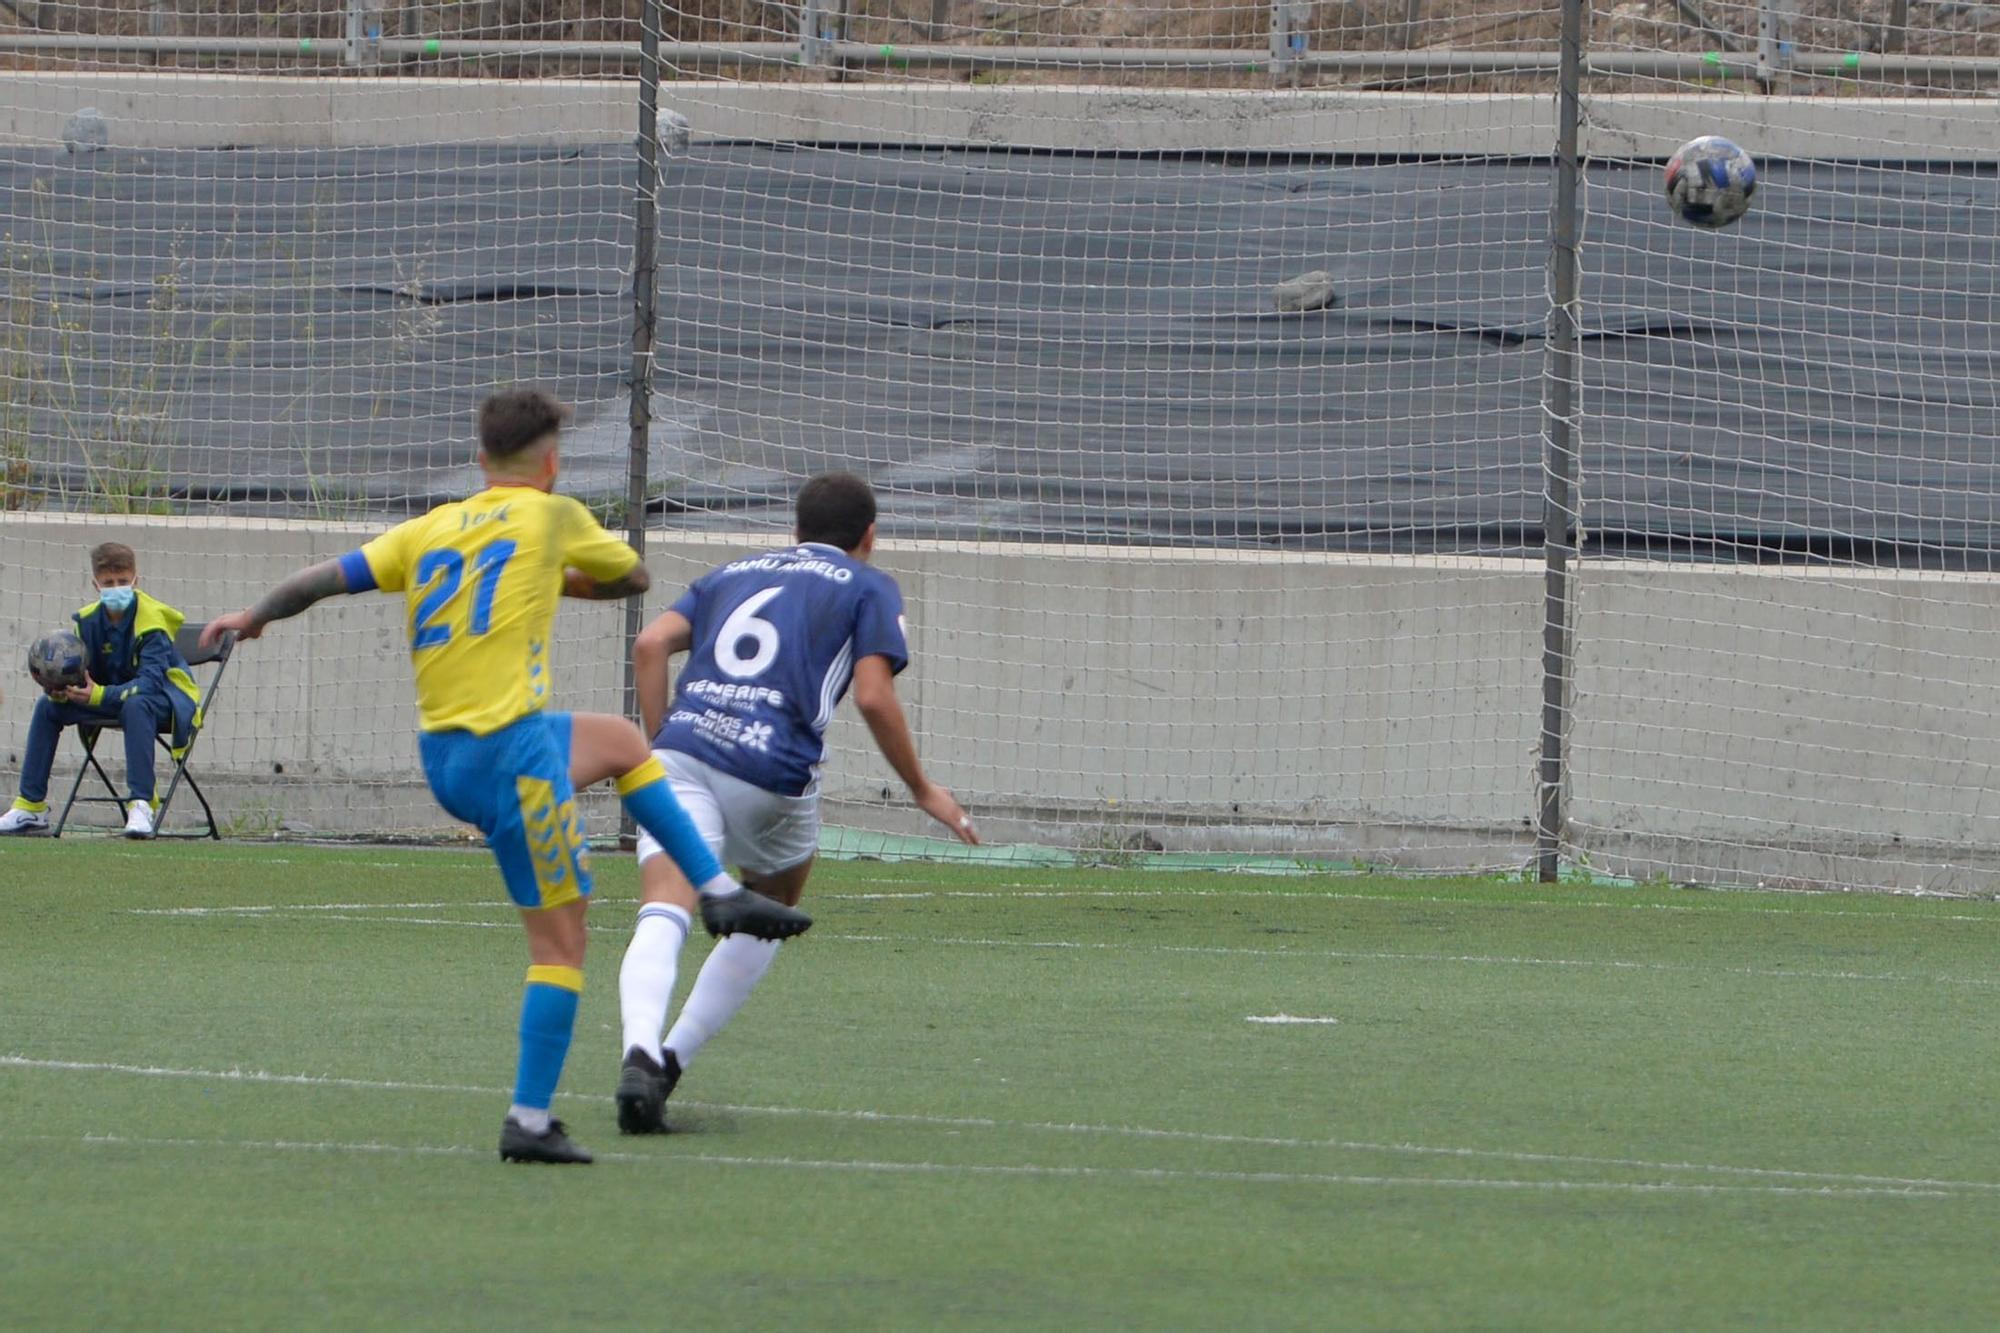 Partido Las Palmas Atlético - Marino